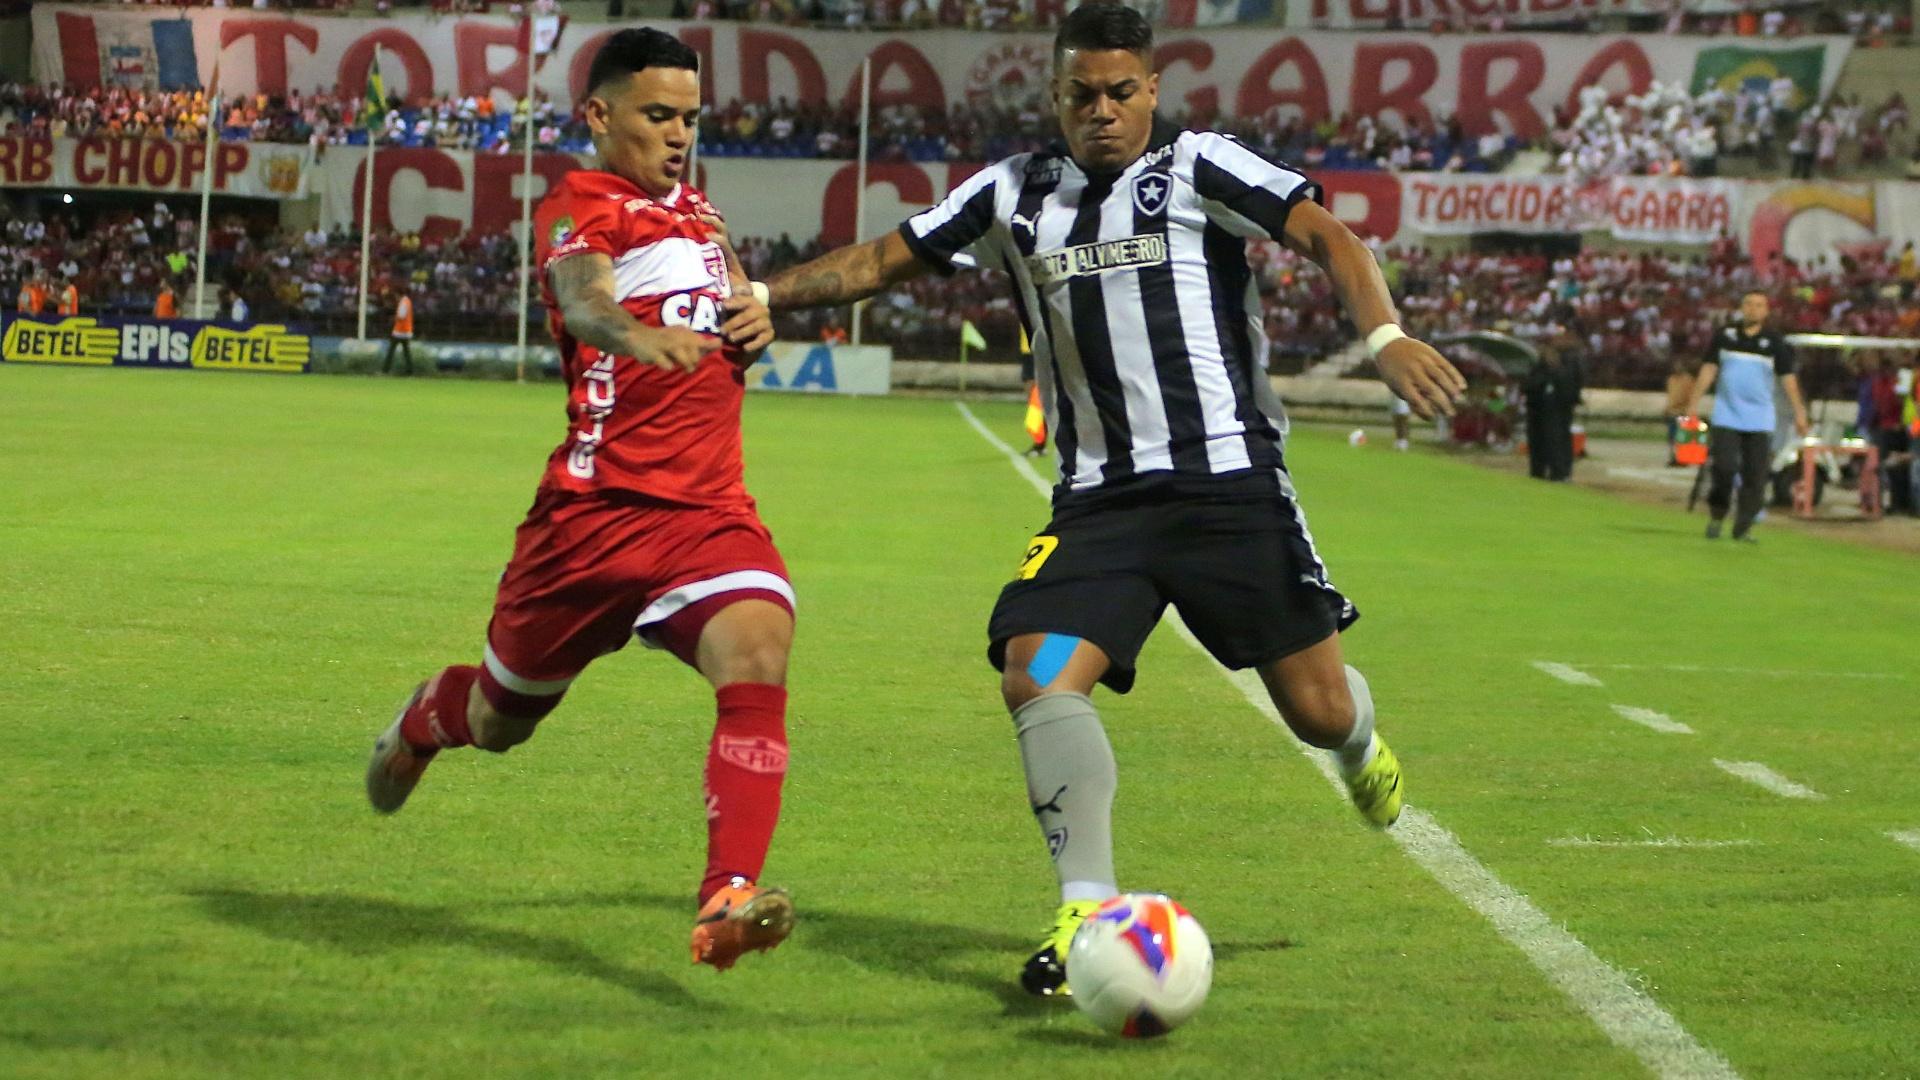 Jogadores de Botafogo e CRB disputam bola na partida entre as equipes na Série B